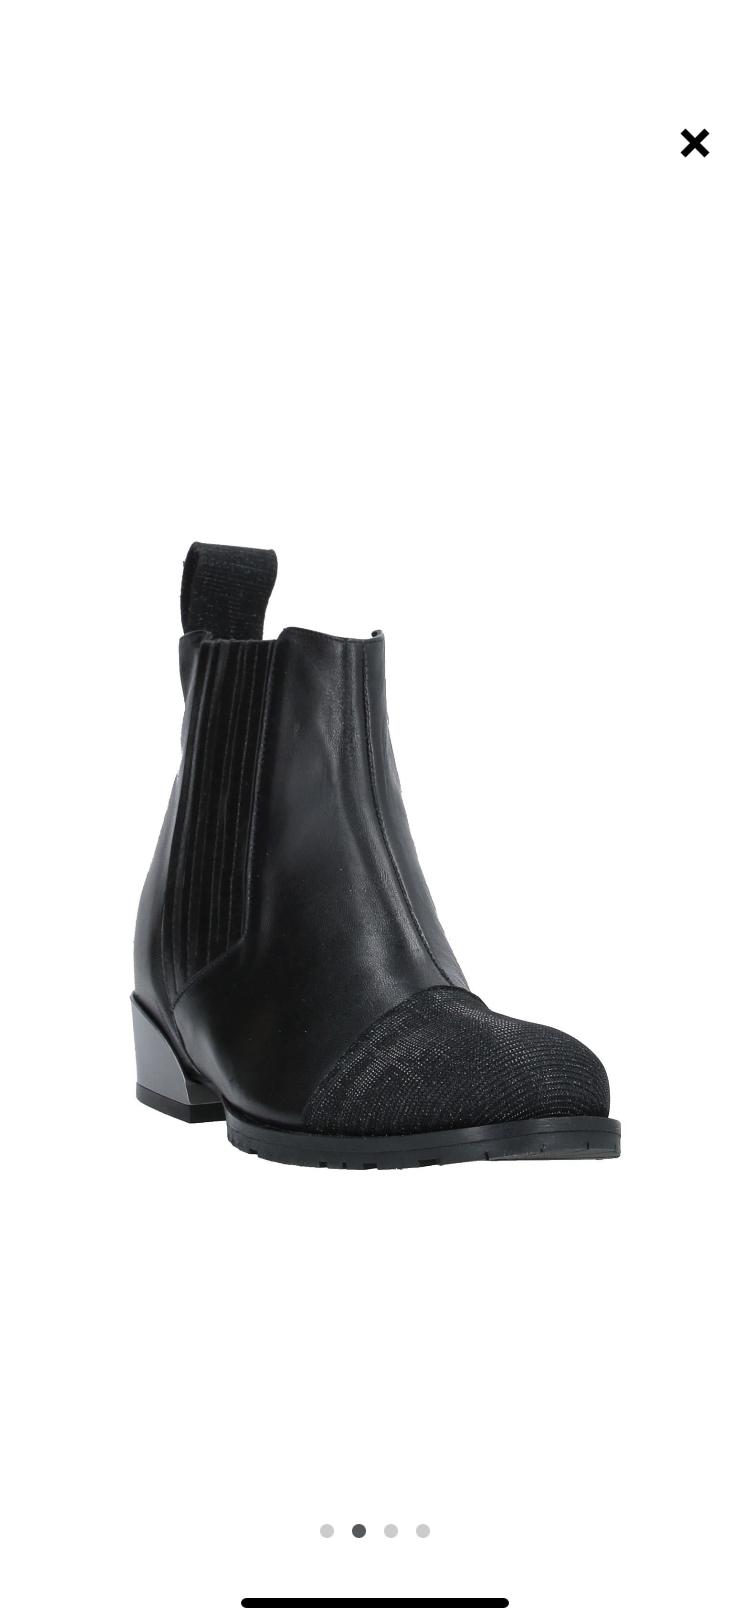 Ботинки TIPE E TACCHI размер eu 38